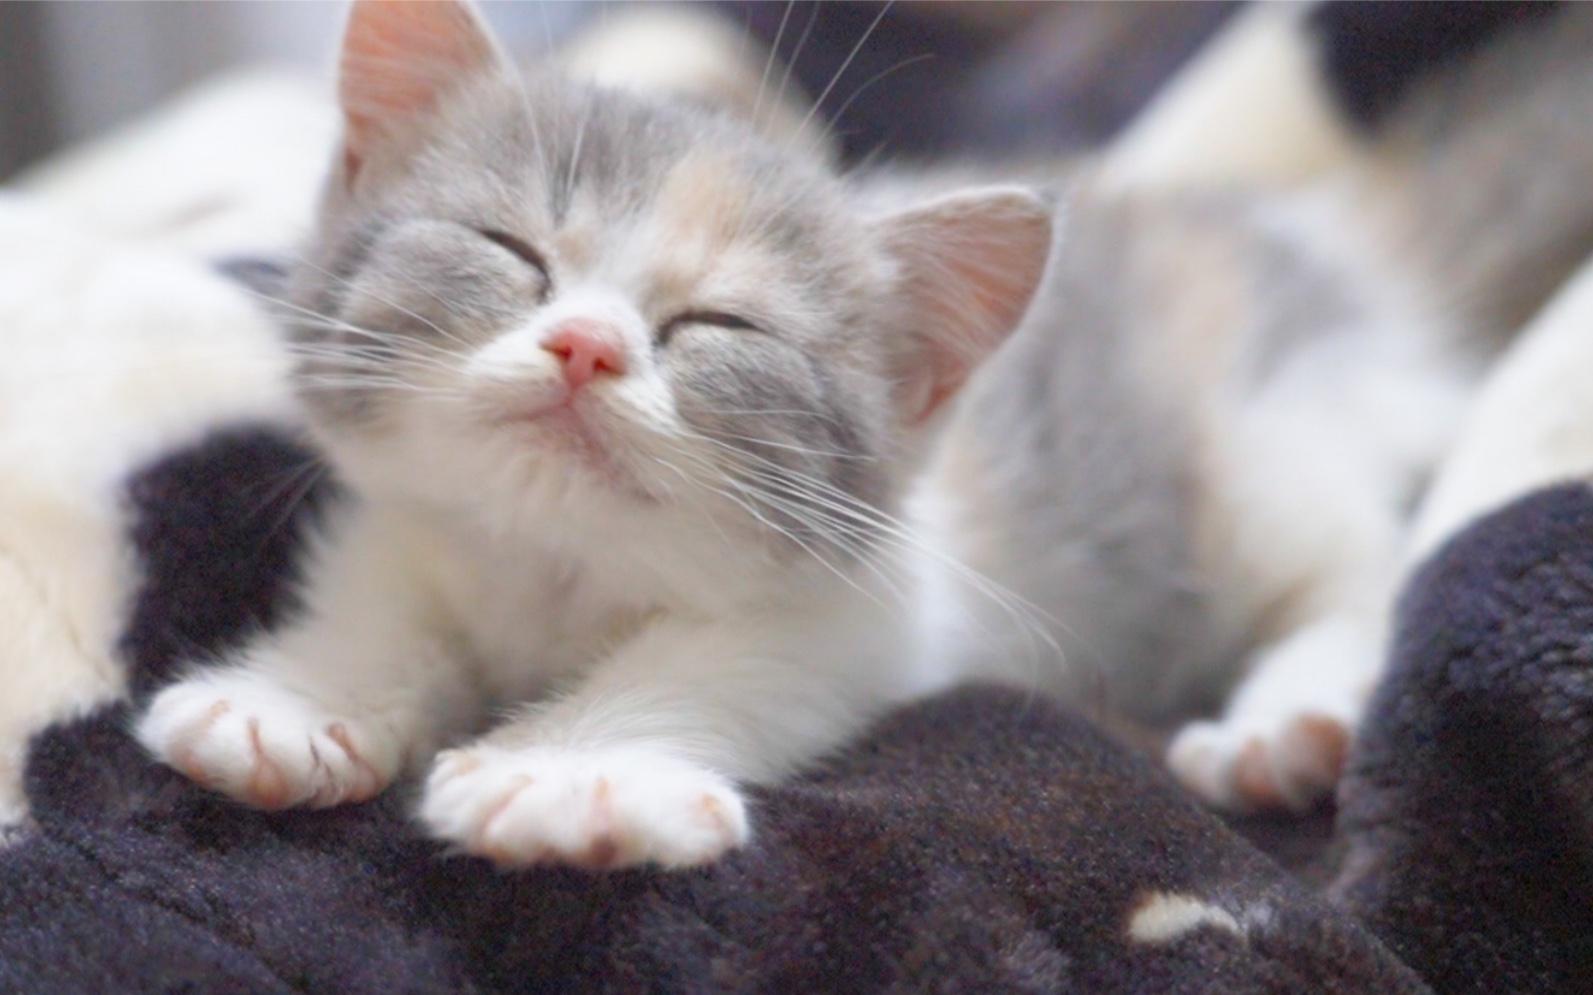 让小猫陪睡一晚会发生什么?呼噜个不停!